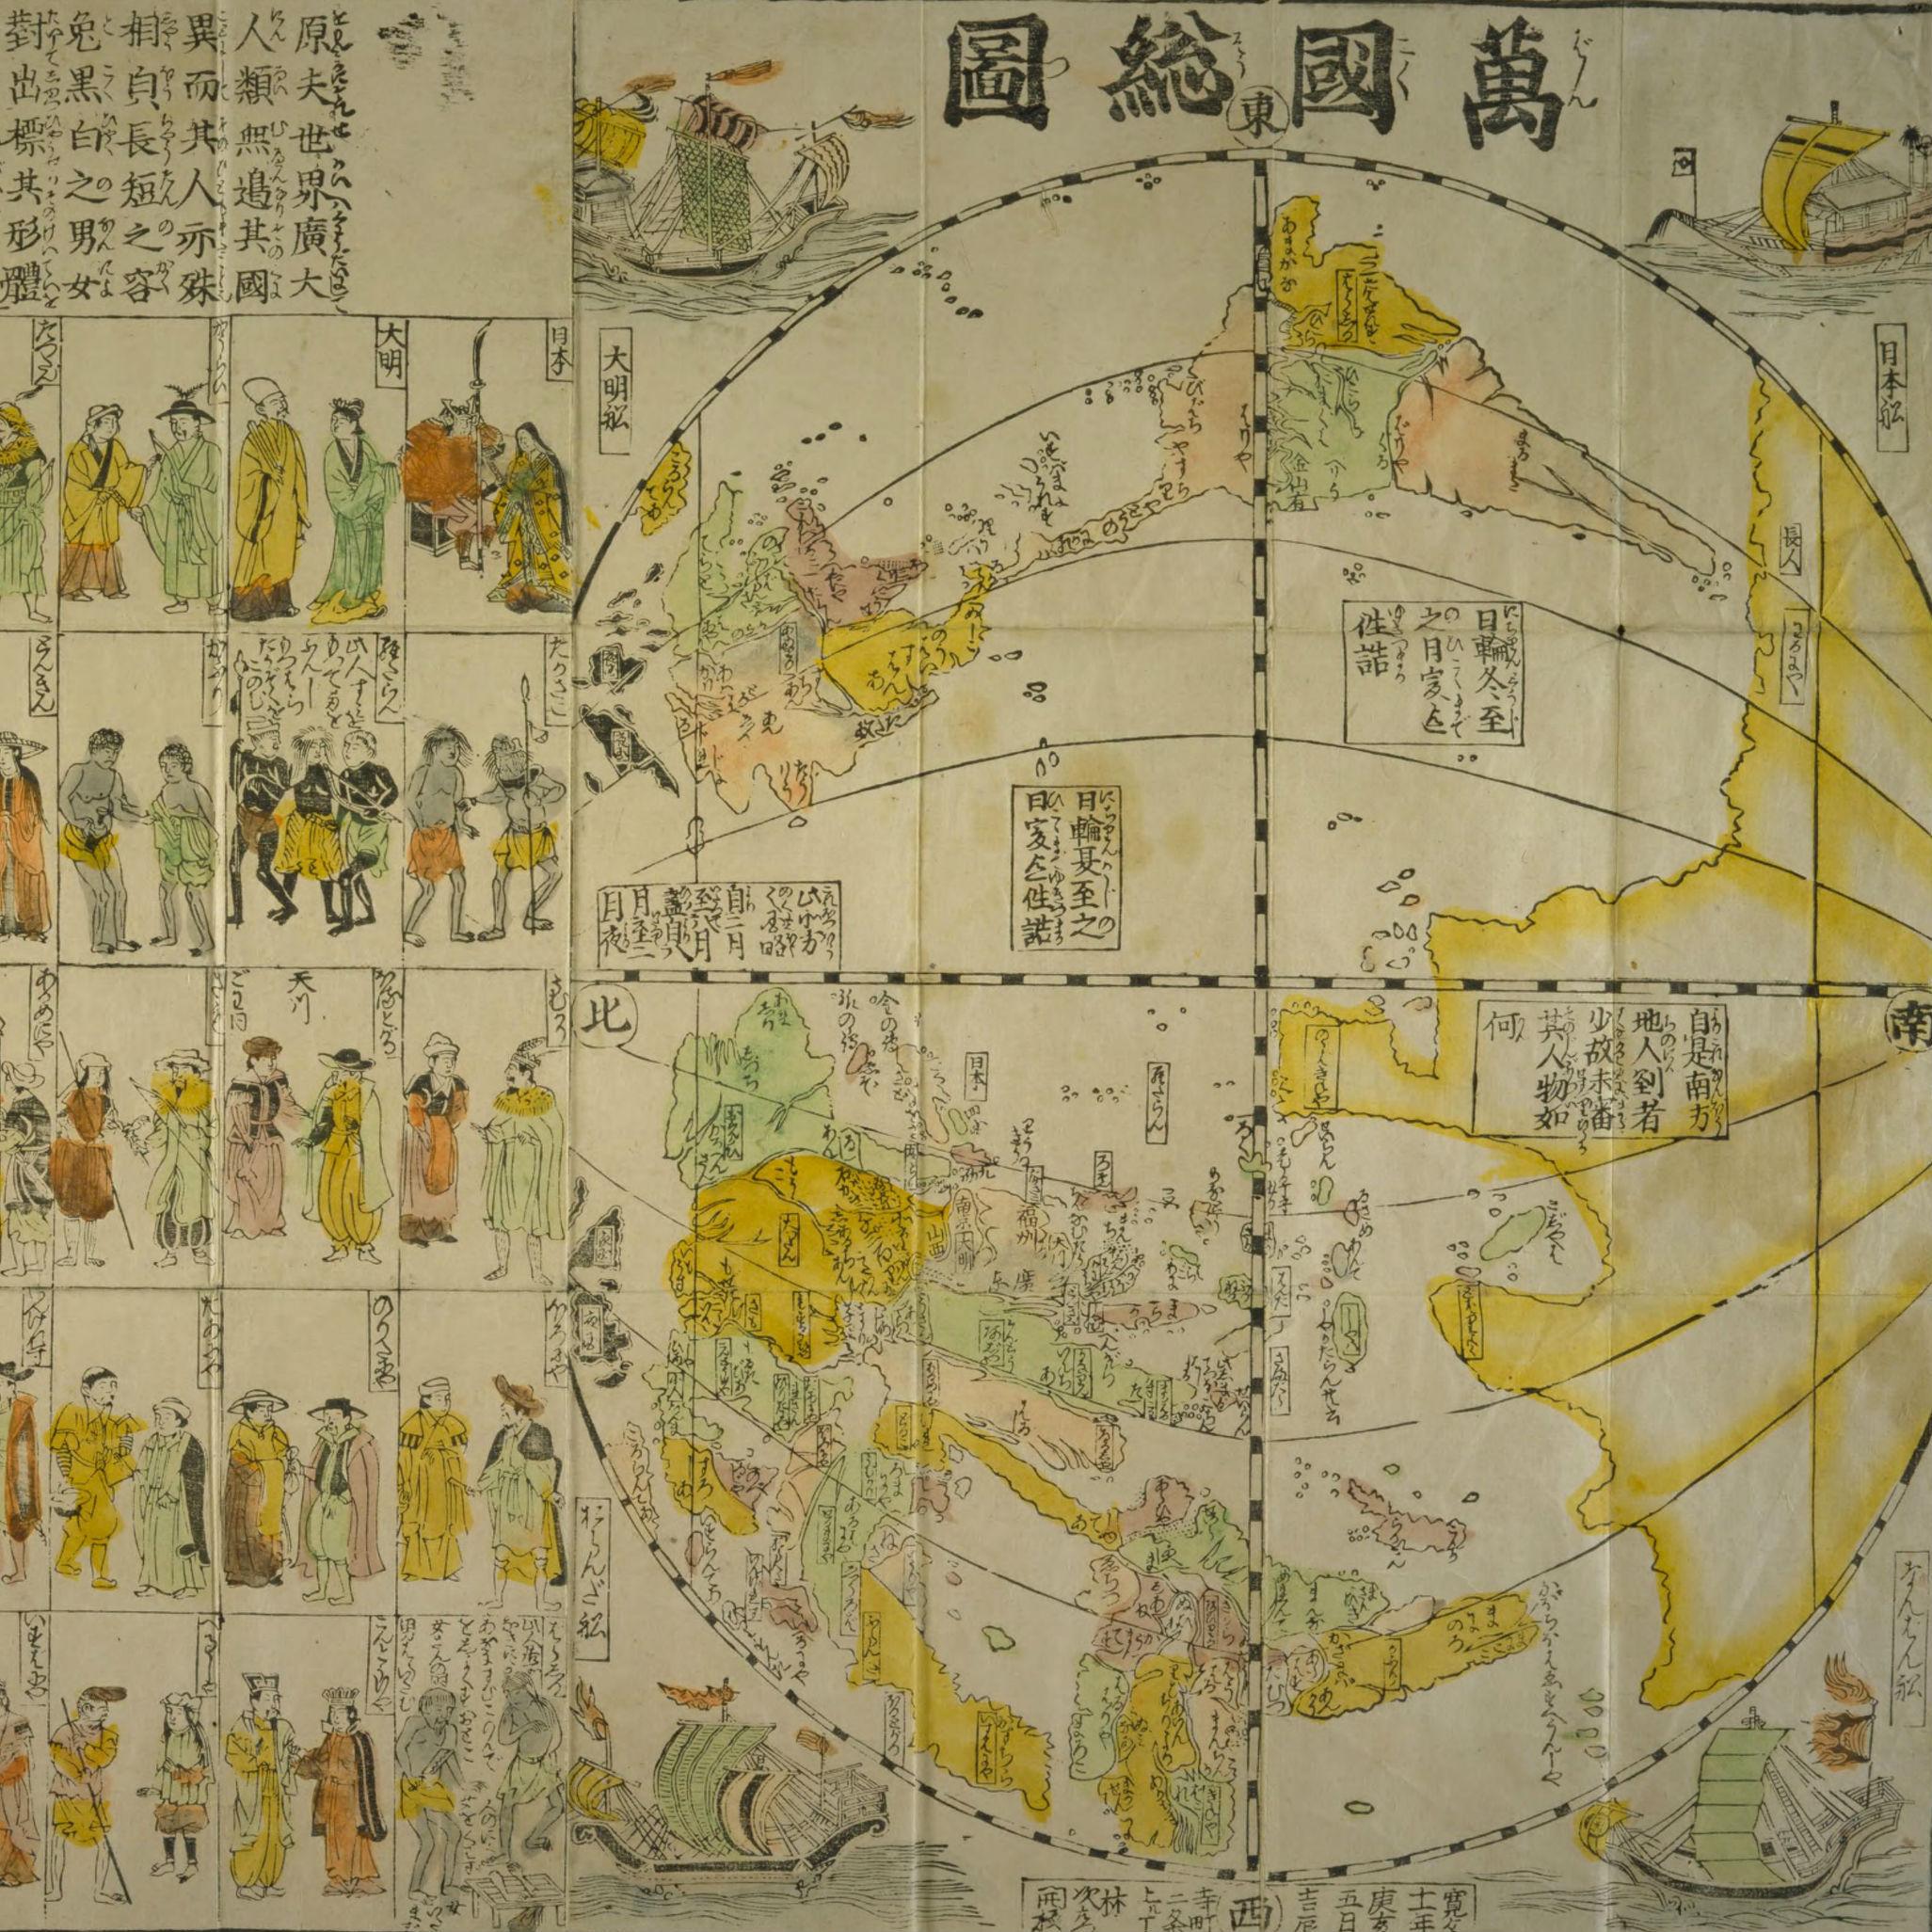 グローバル化した戦国時代の日本人の世界観